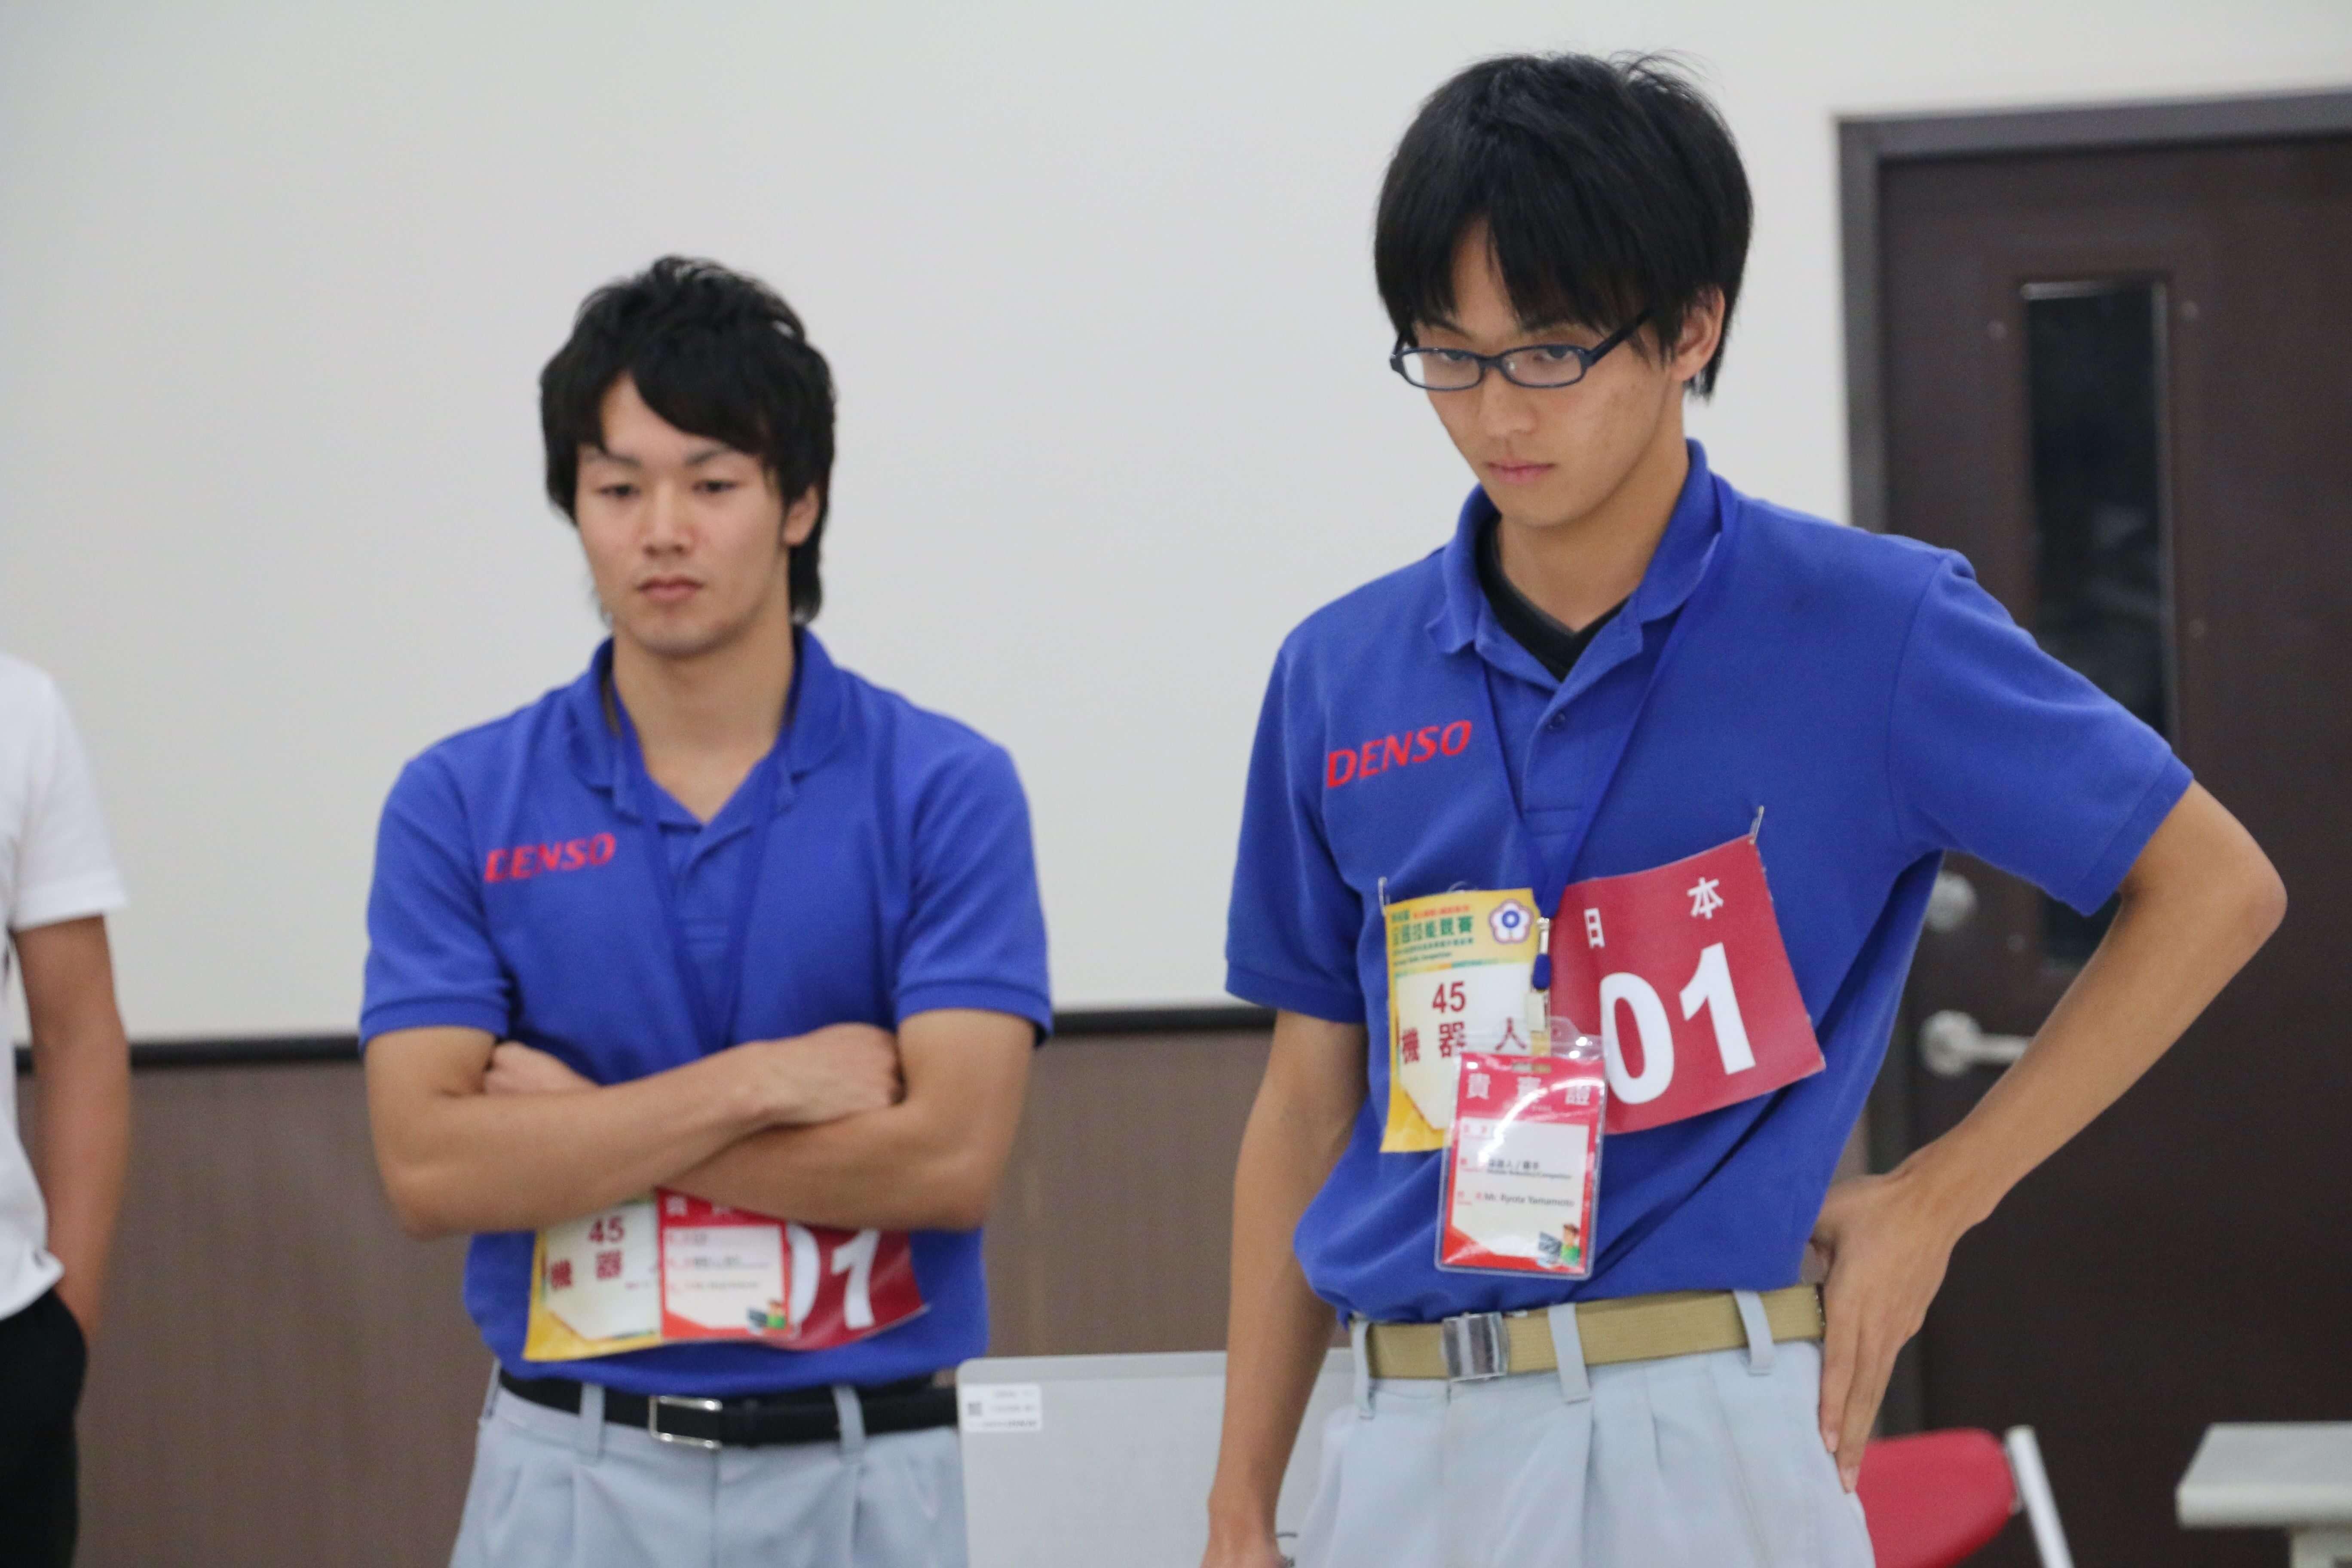 日韓驚訝:台灣怎麼都學生在參賽 企業選手呢?